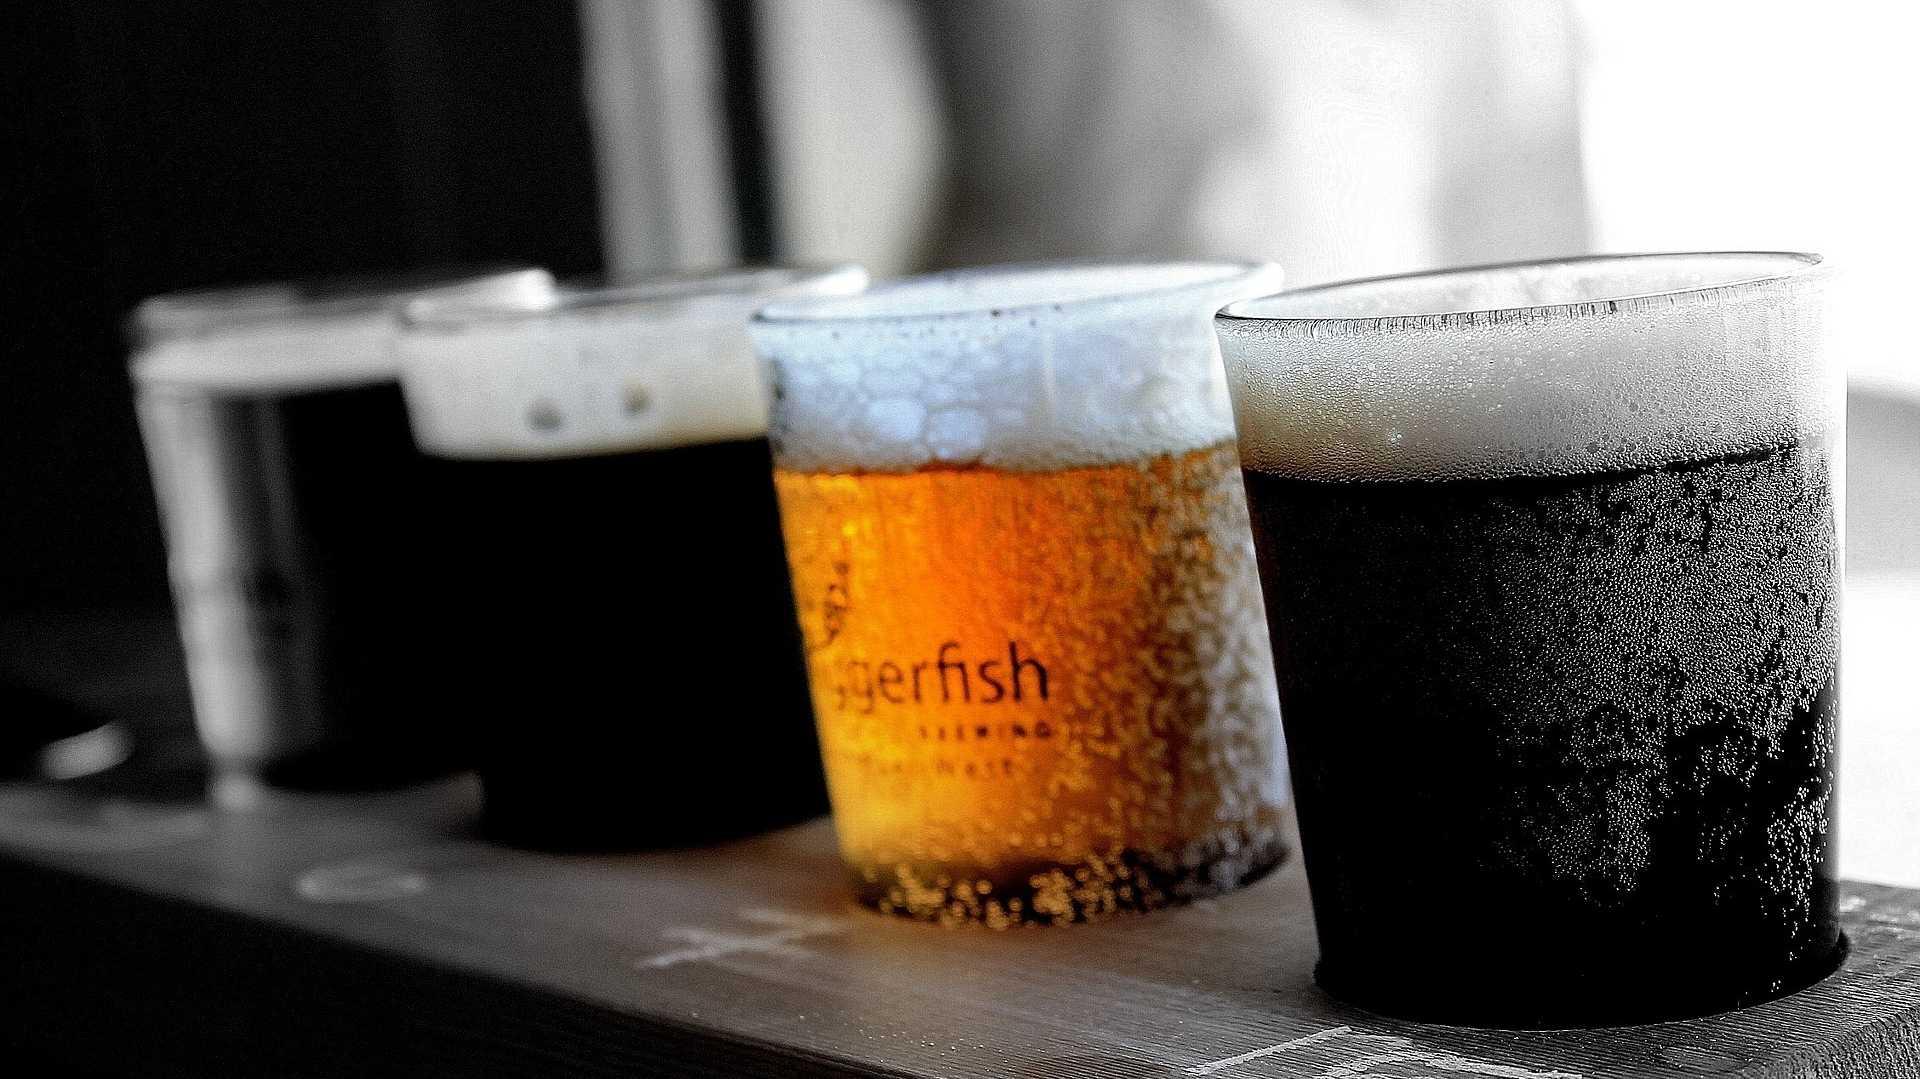 KI schmeckt Bier